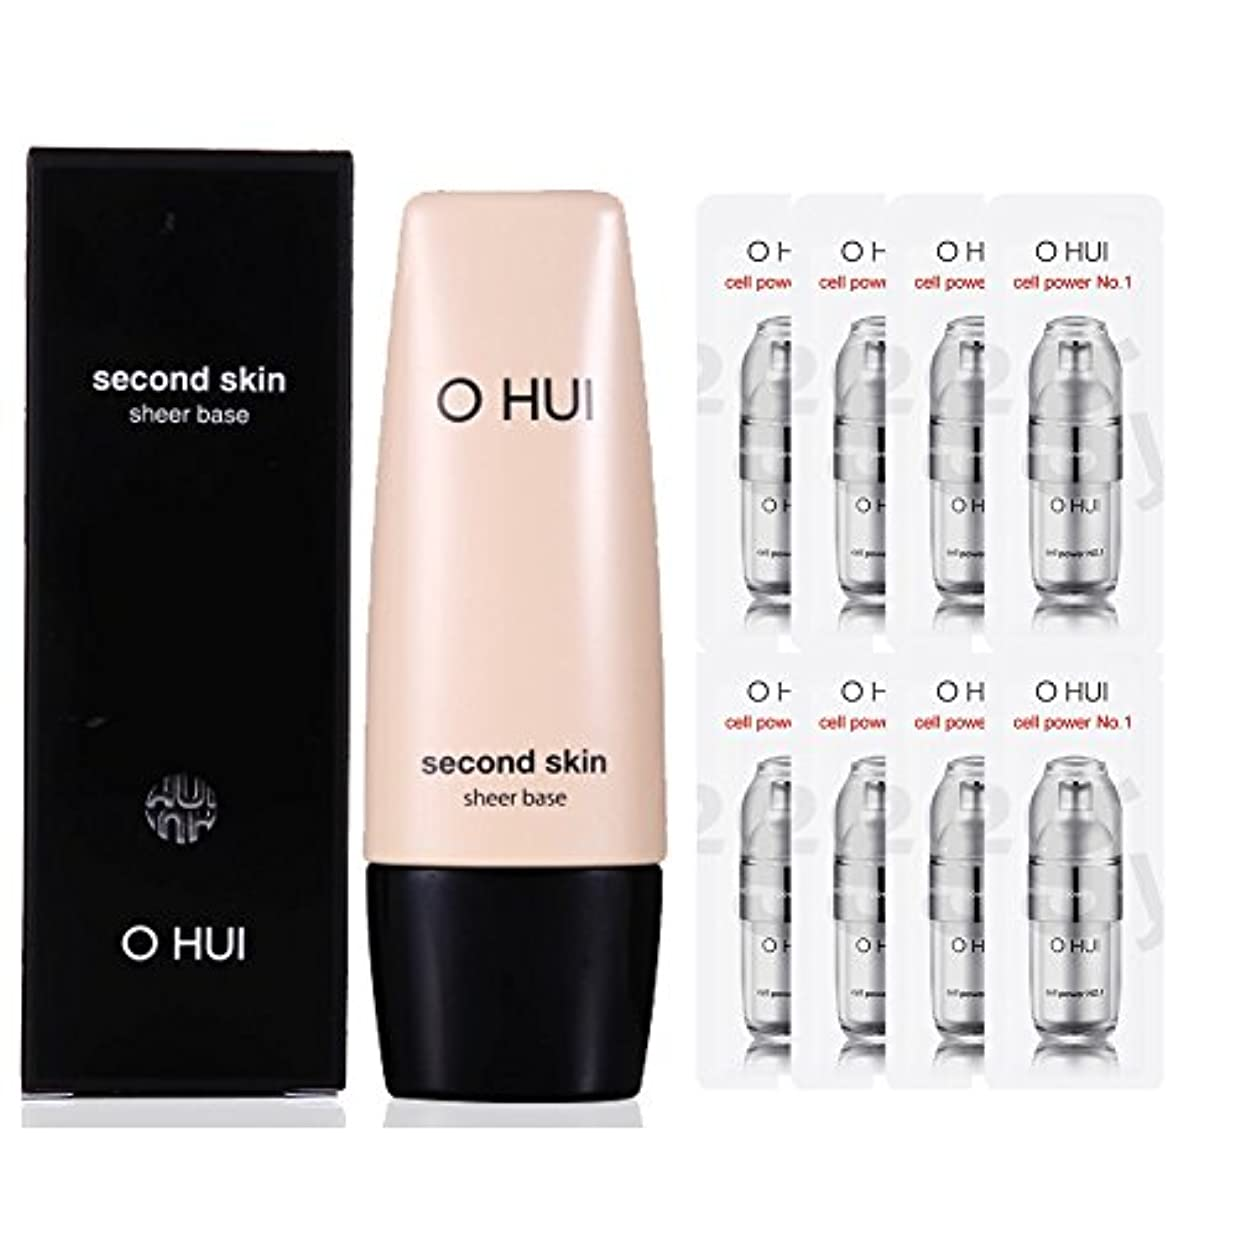 泥器用プレゼンテーションOHUI/オフィセカンドスキン シアーベース + 特別の構成 (OHUI SECOND SKIN SHEER BASE Makeup Base +Special Gift set)]【スポットセール】[海外直送品]